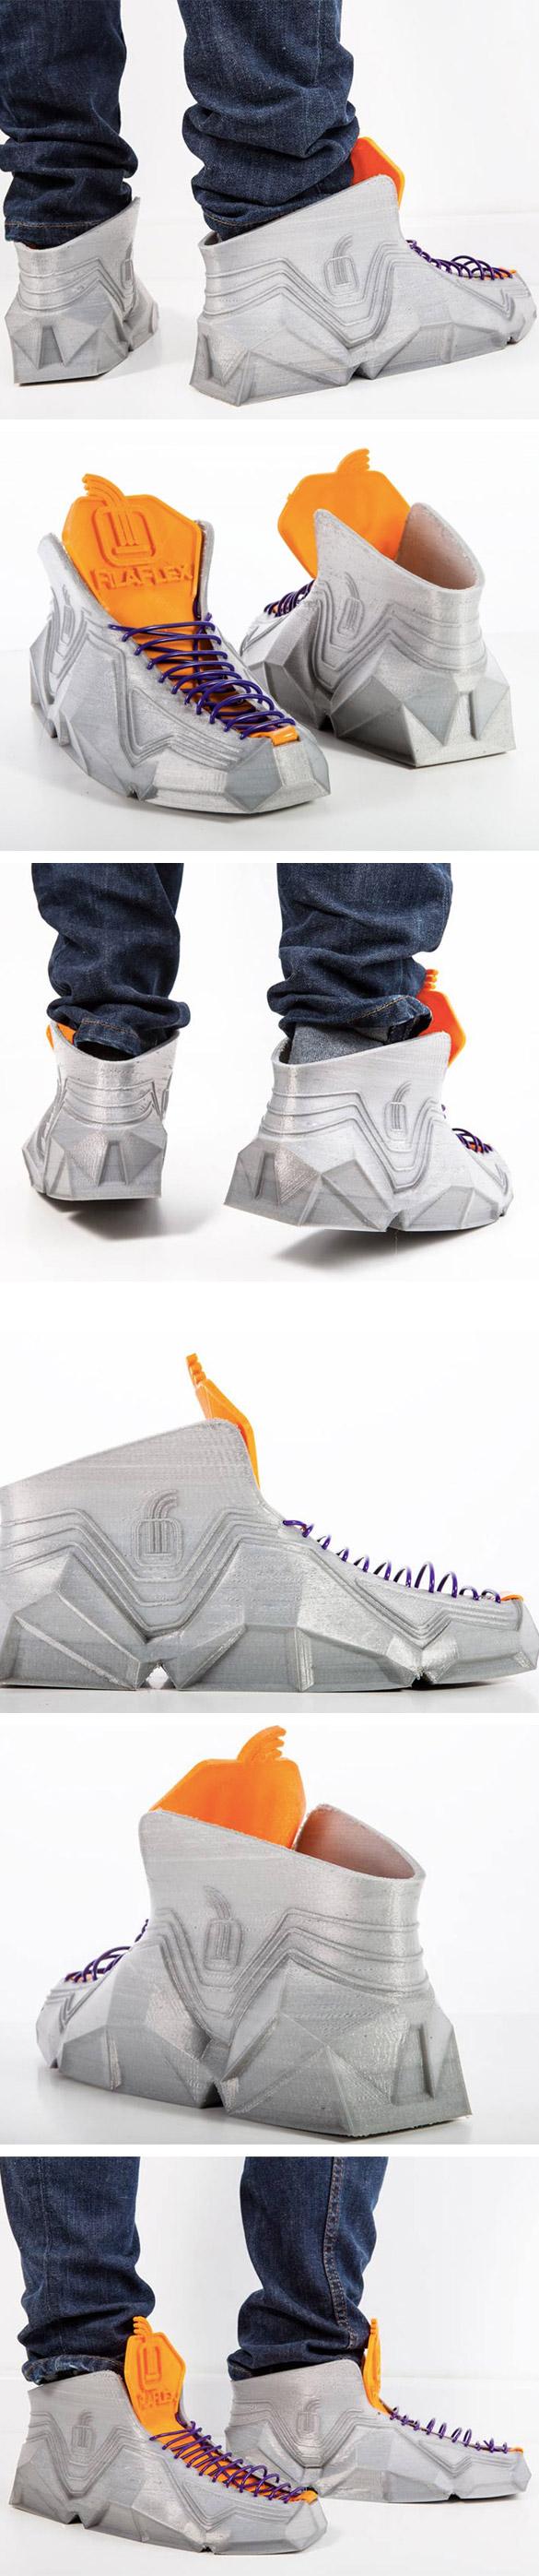 hooes